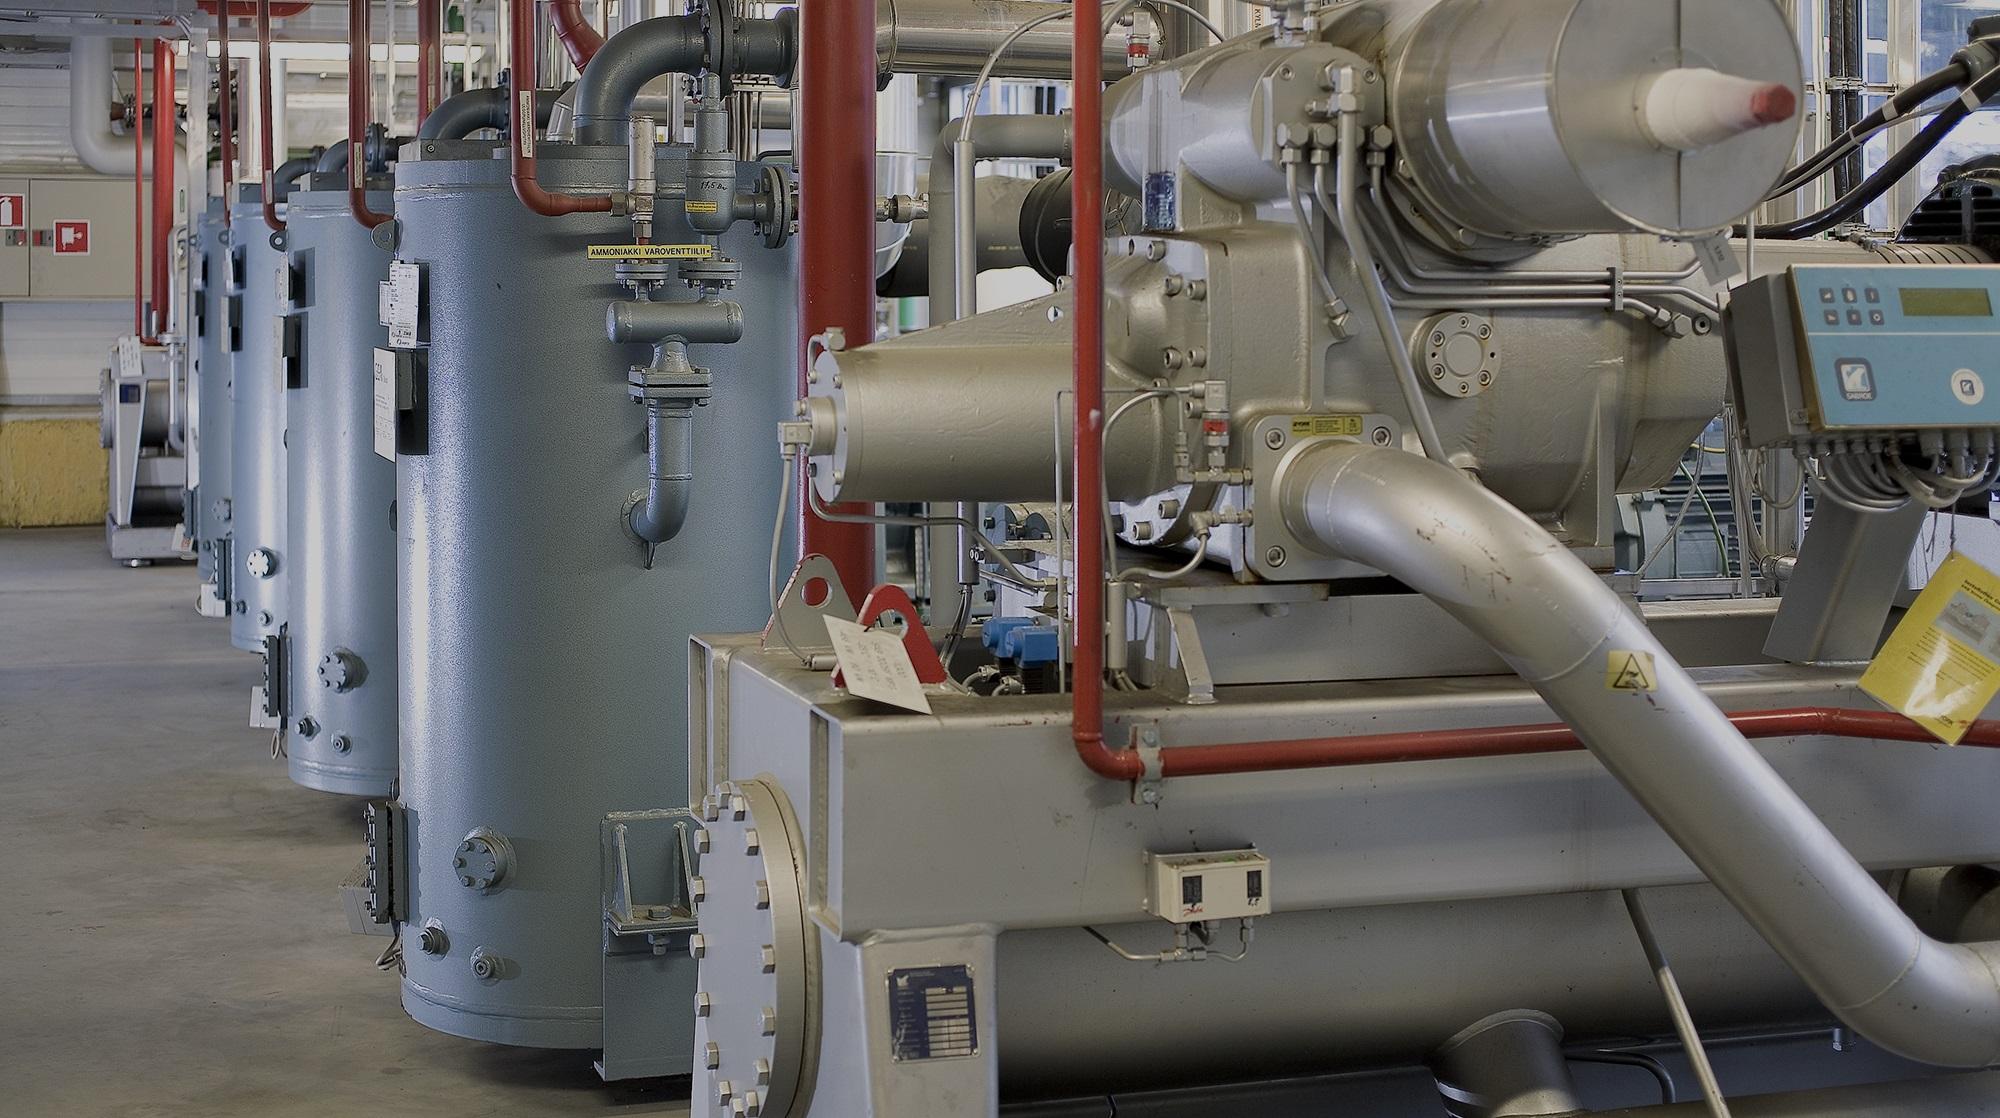 Kylmätekniikka yhteensovittaa energiatehokkaita toimintakokonaisuuksia